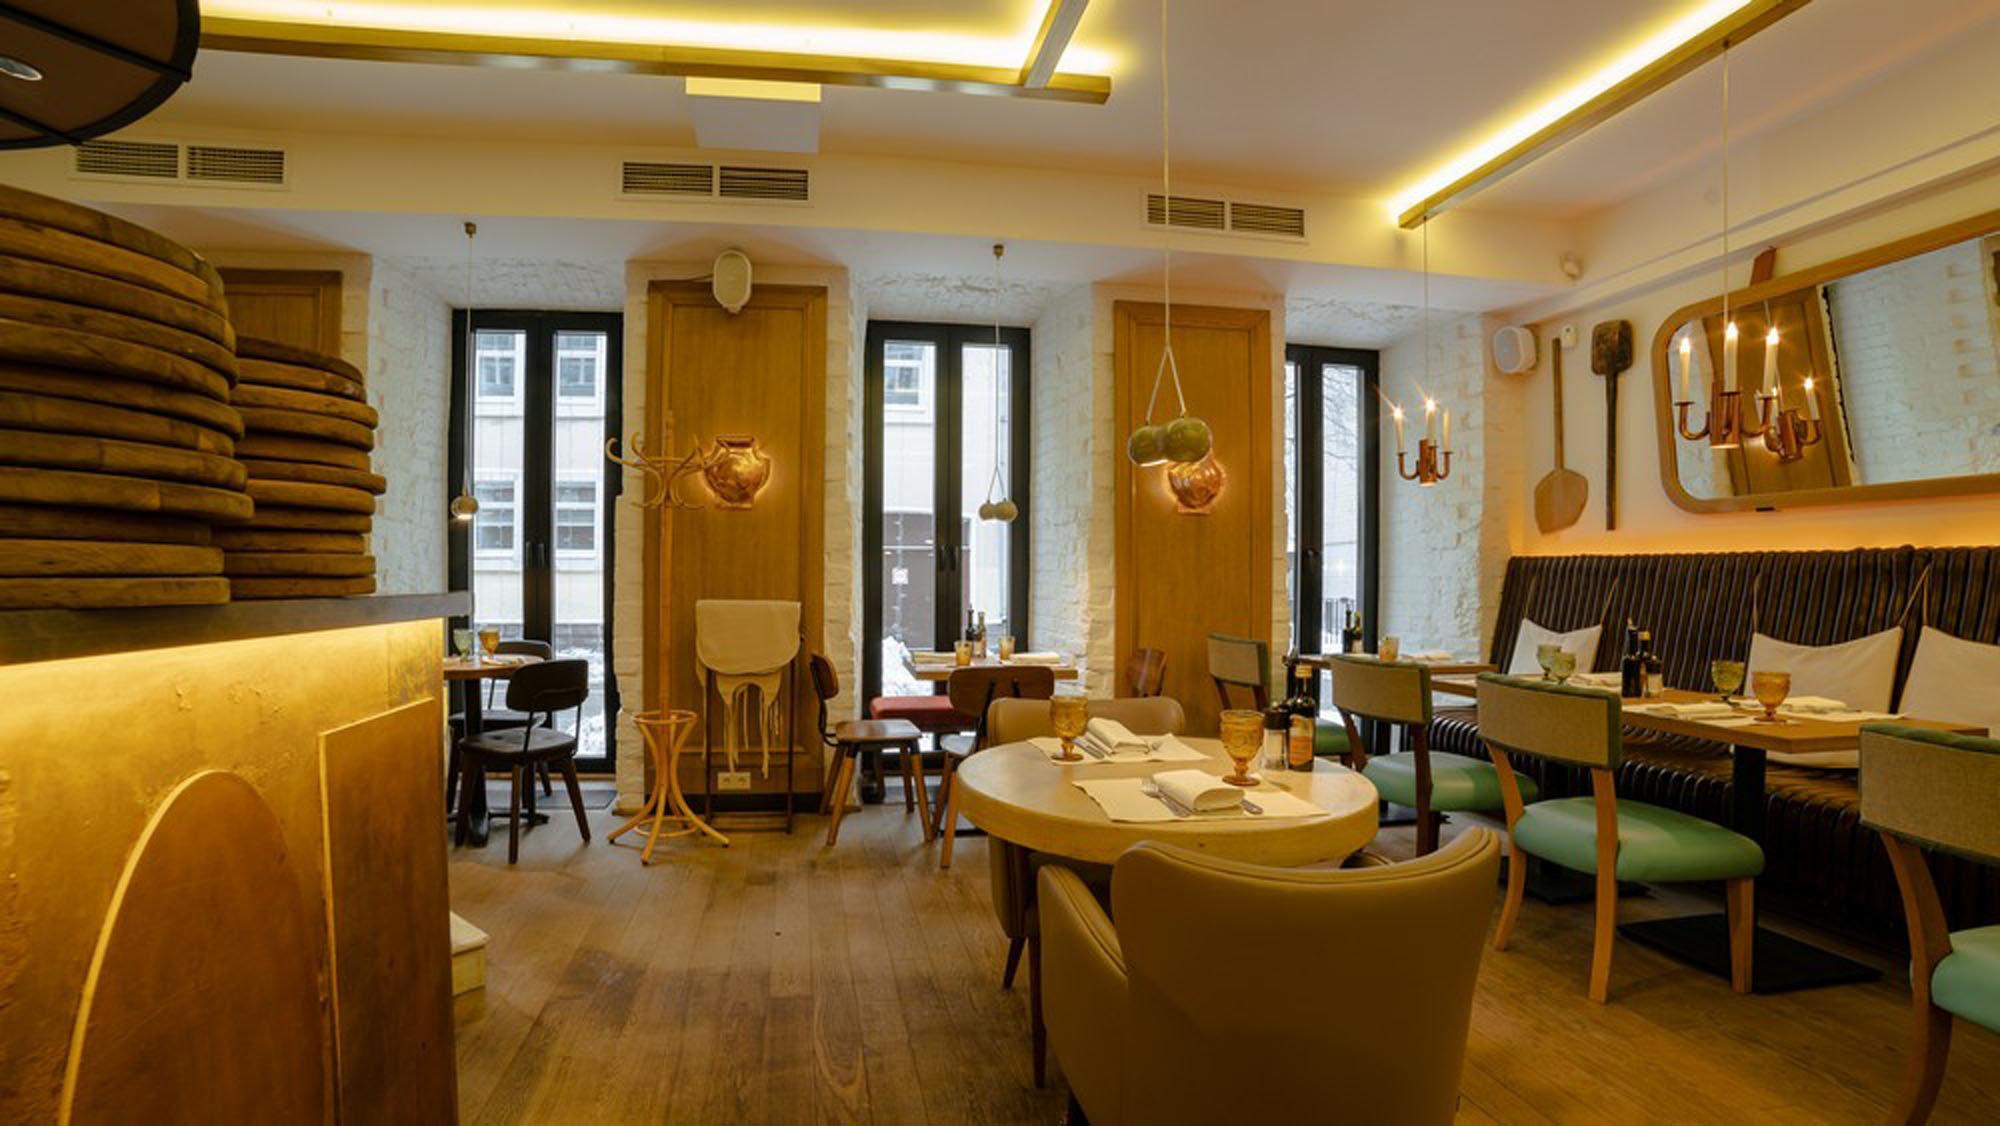 фотография Итальянского ресторана BOCCONCINO в Большом Патриаршем переулке